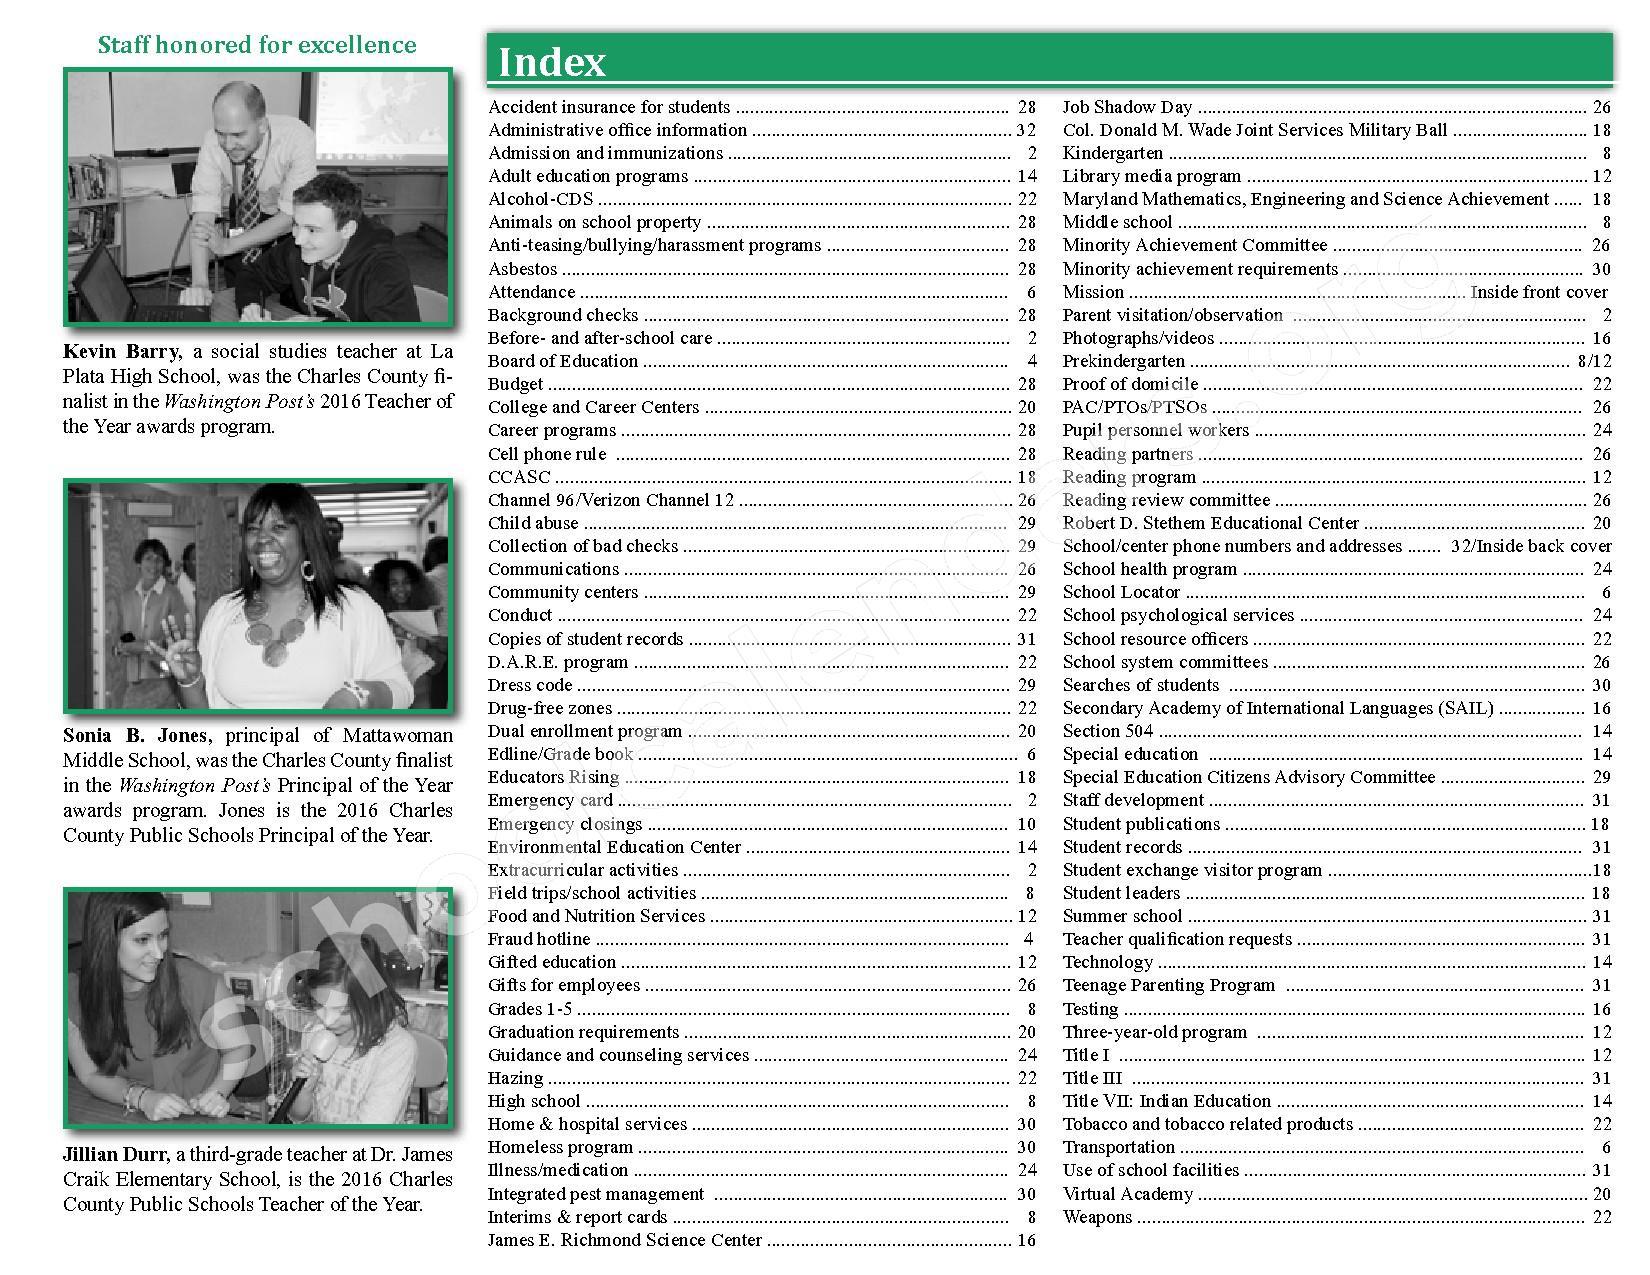 2016 - 2017 School Calendar – Charles County Public Schools – page 3